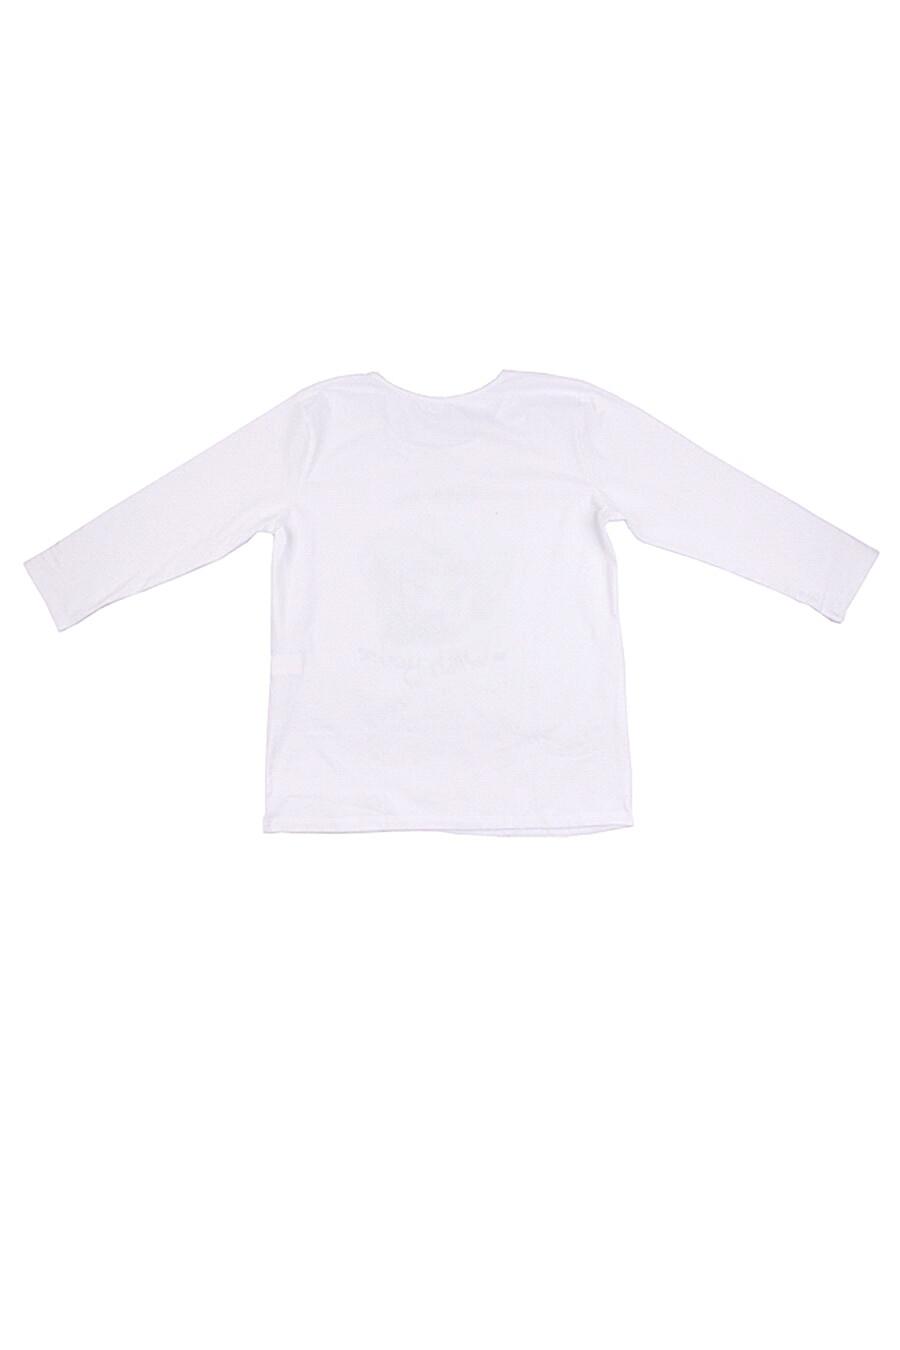 Джемпер для женщин Archi 131163 купить оптом от производителя. Совместная покупка женской одежды в OptMoyo